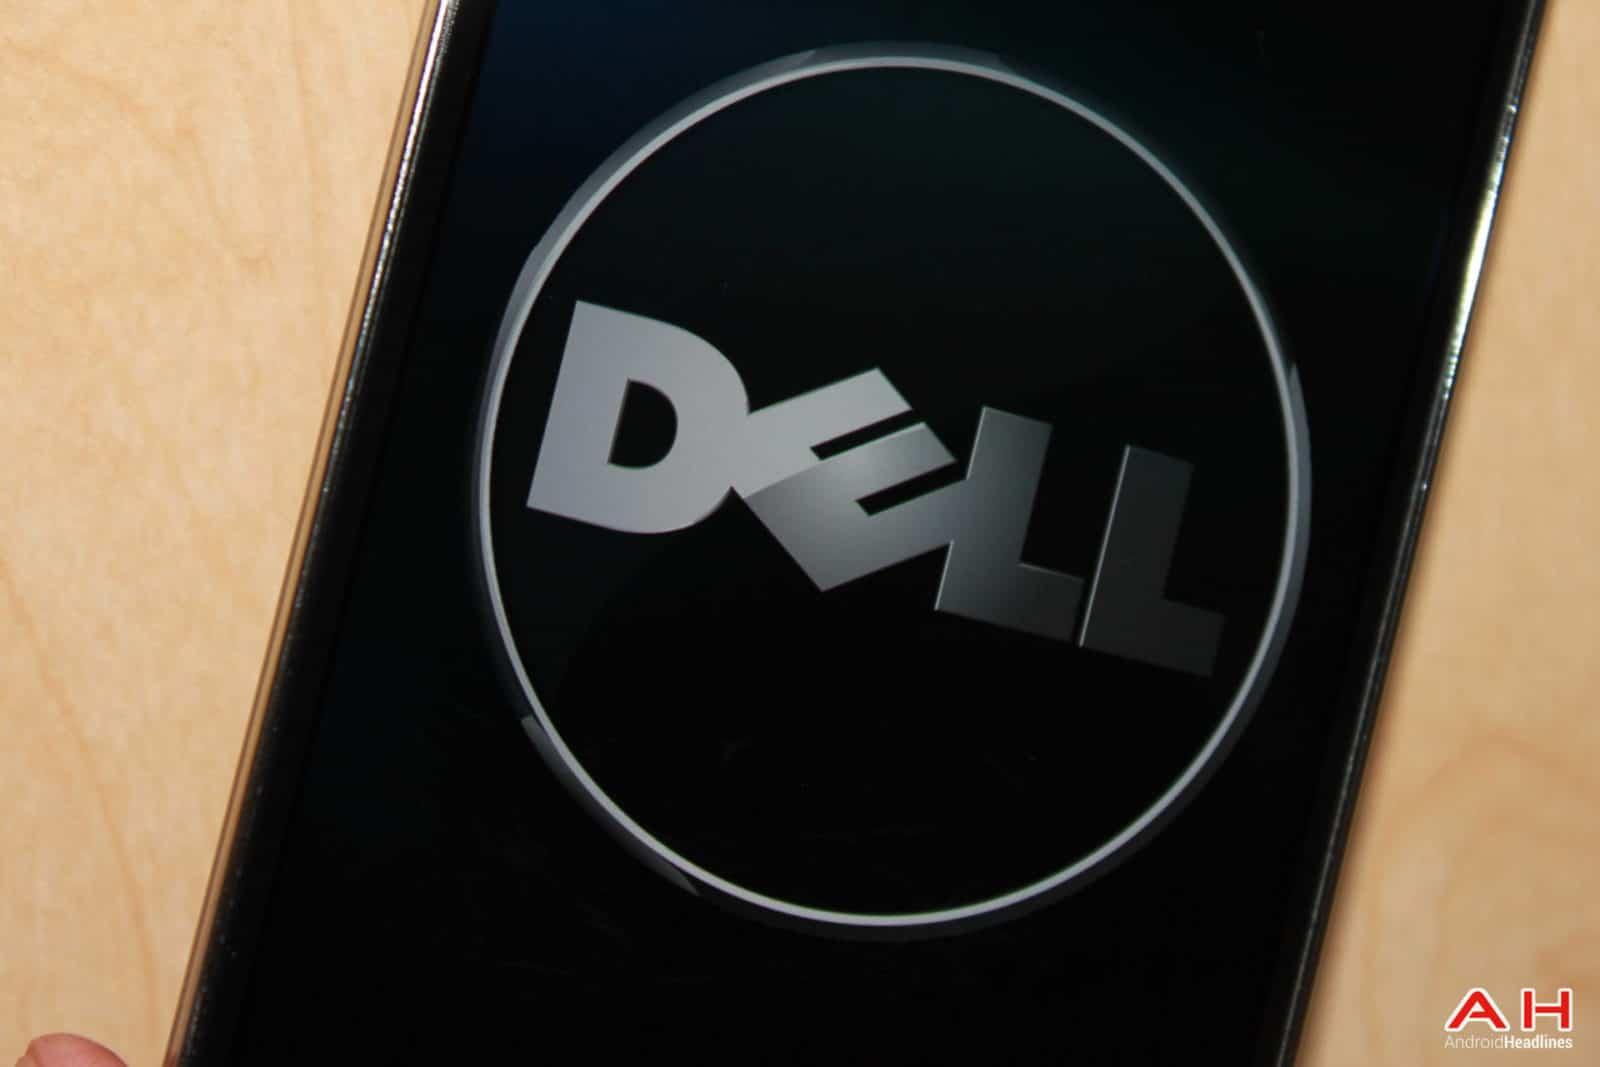 AH DELL Logo 1.4